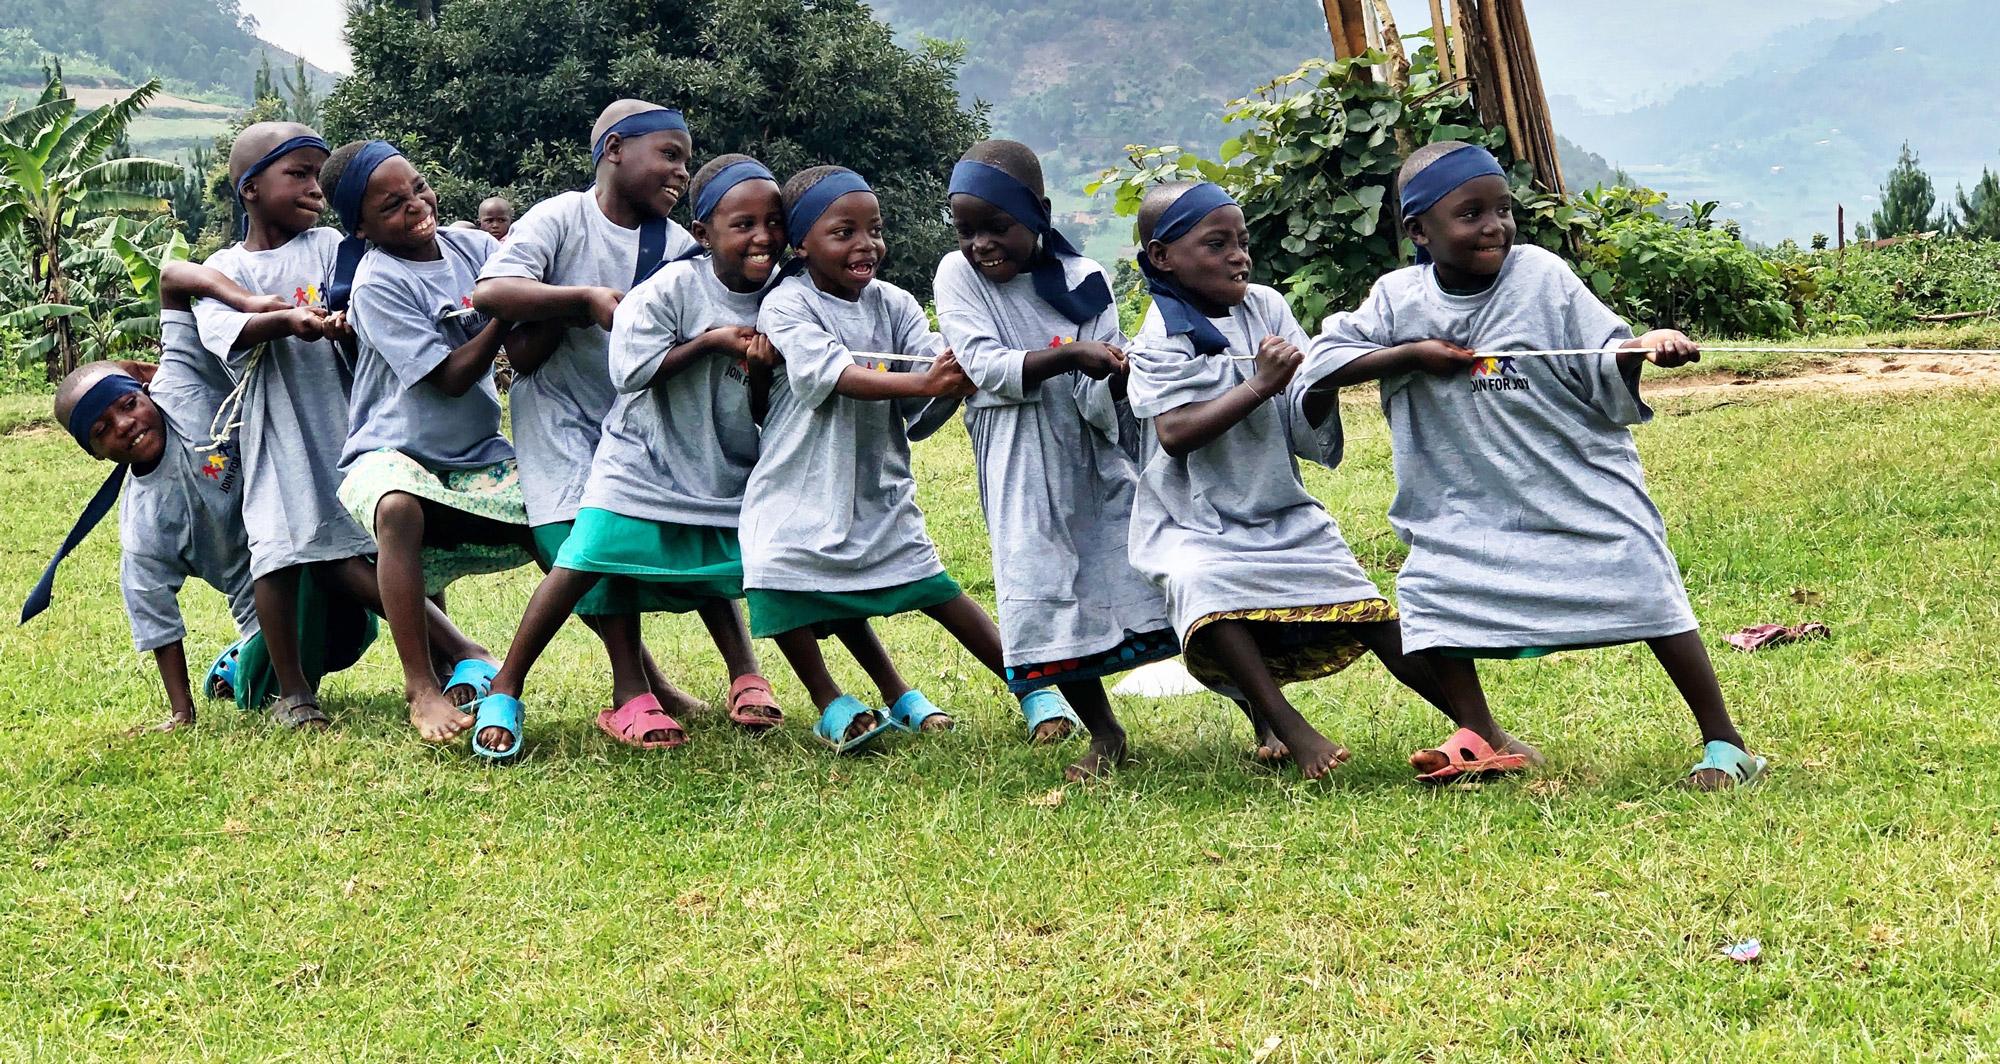 Steun voor Stichting Join For Joy 'Sport en spel voor duurzame ontwikkeling van kansarme kinderen'